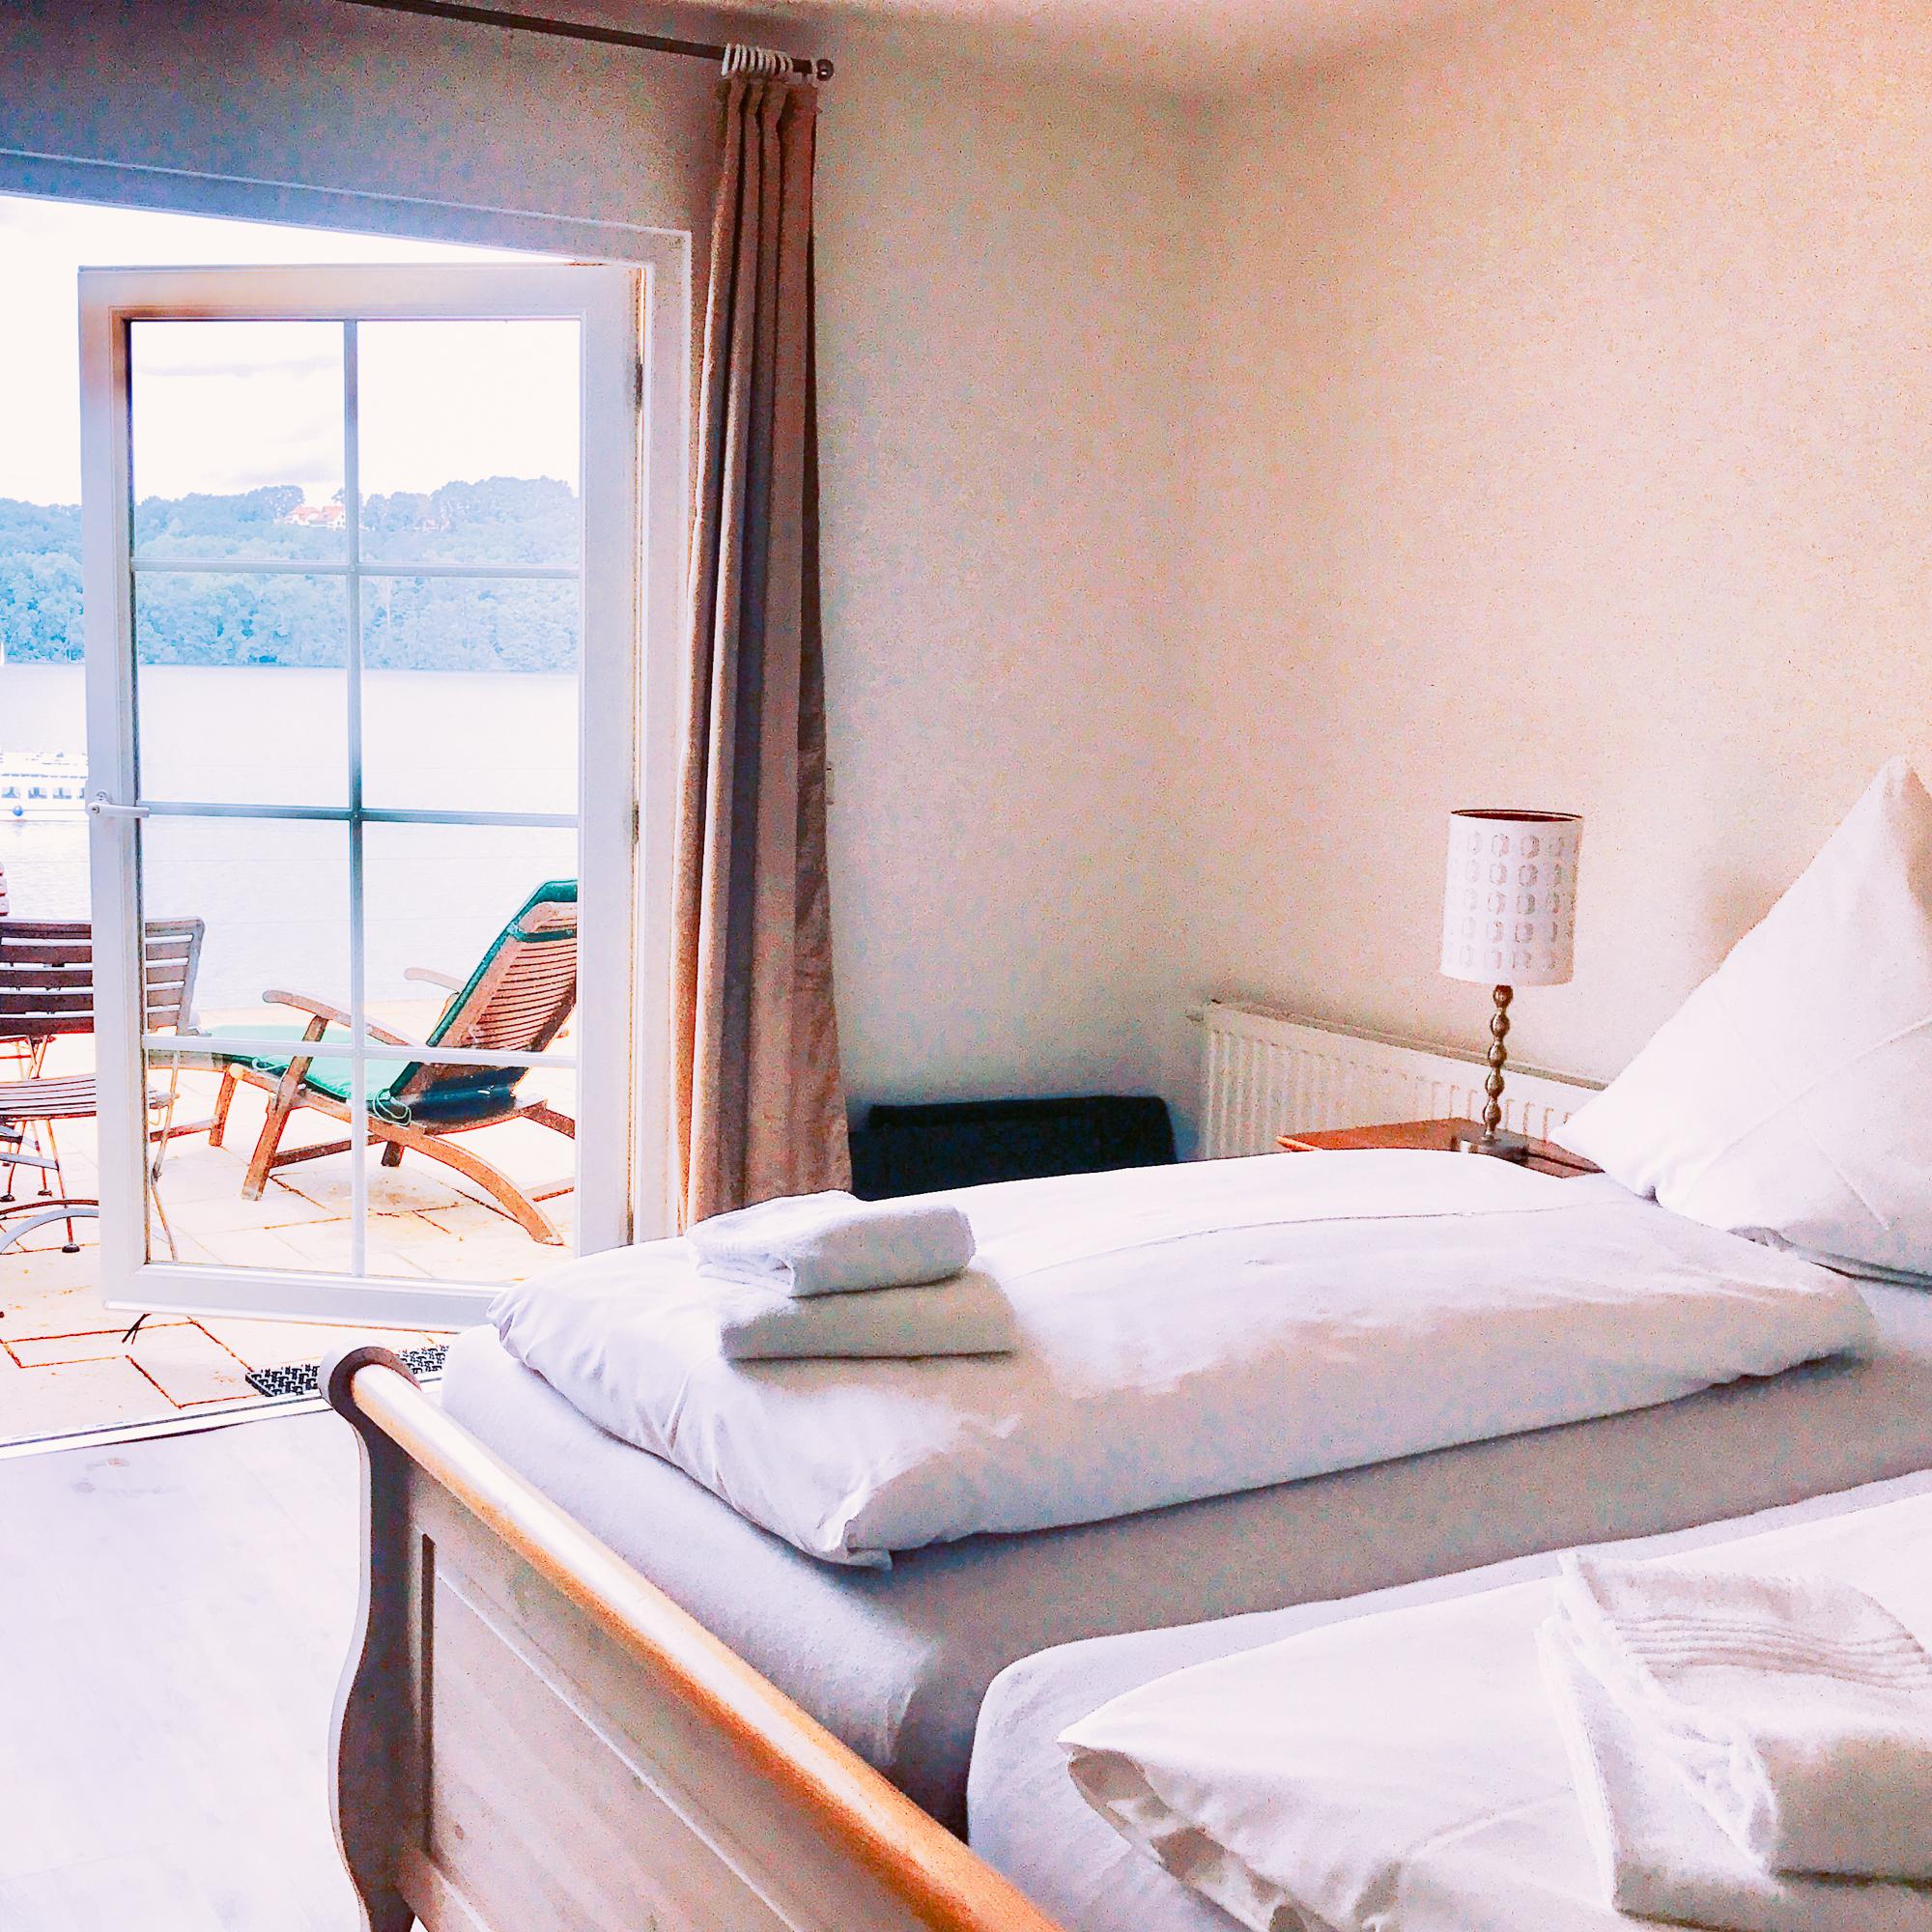 zimmer hotel inspiration strandhotel vier jahreszeiten buckow food c